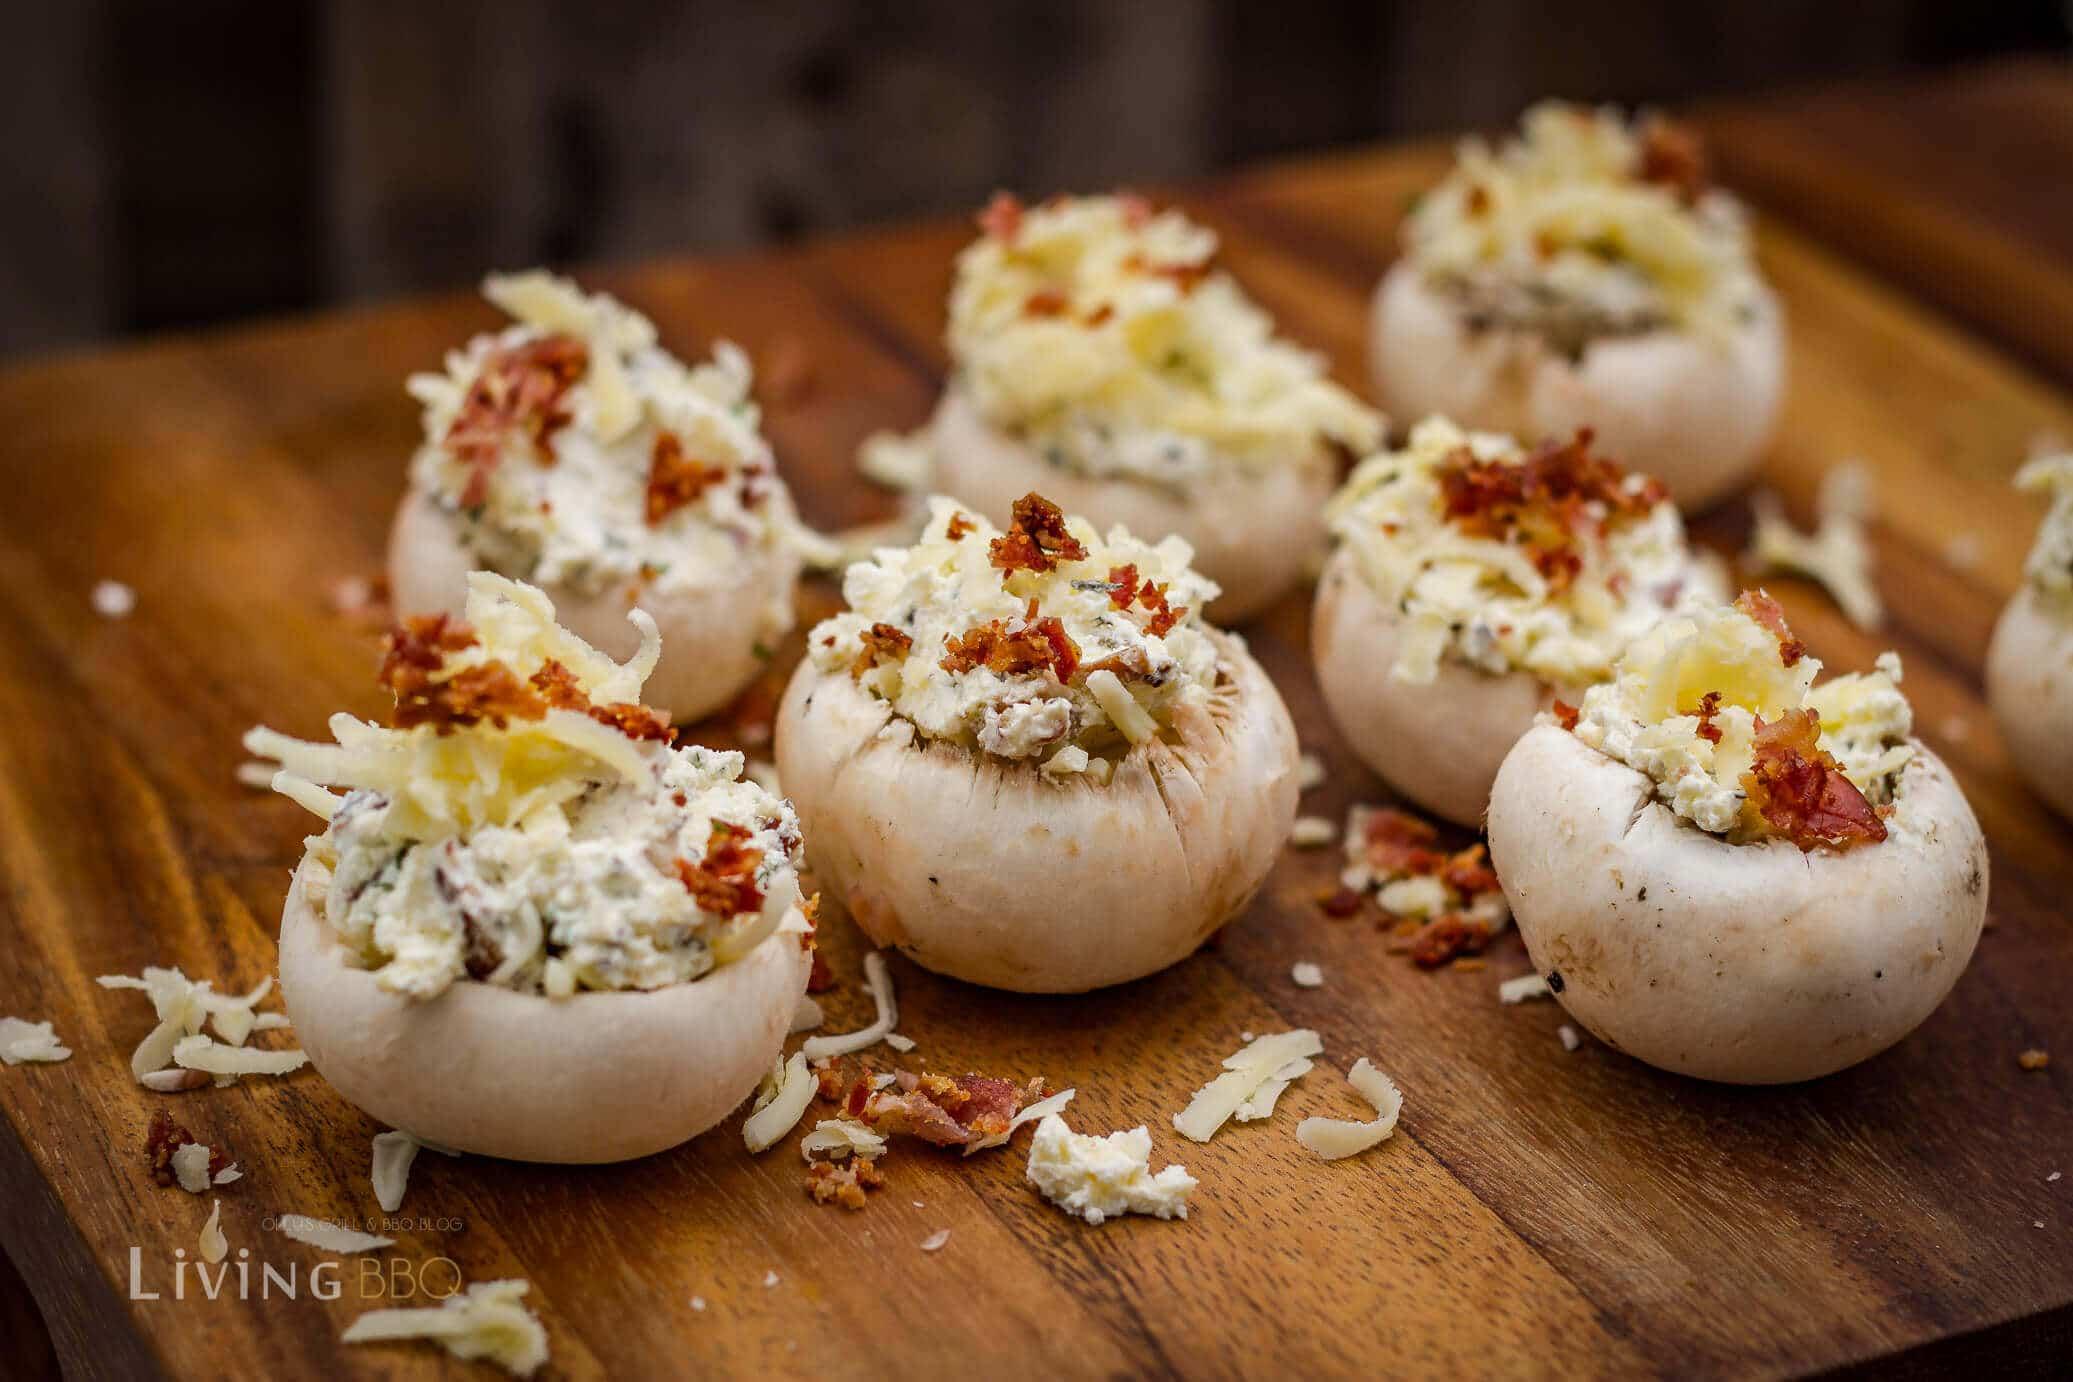 gefüllte Champignons vom Grill gefüllte champignons_Gefu  llte Champignons 5 von 9